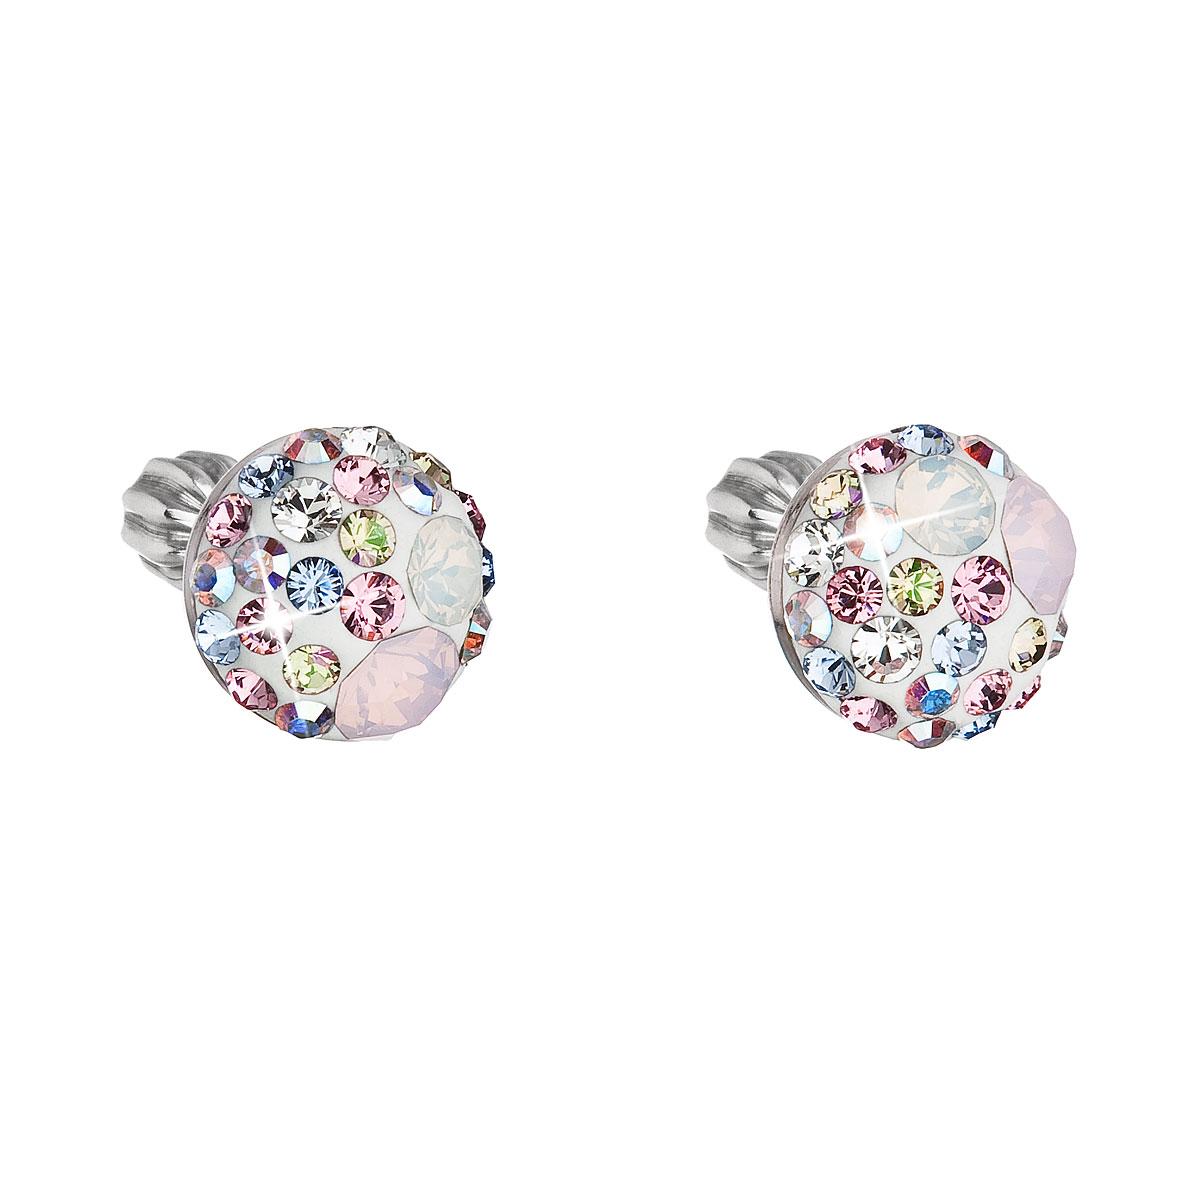 Strieborné náušnice kôstky s krištálmi Swarovski ružové okrúhle 31336.3 magic rose